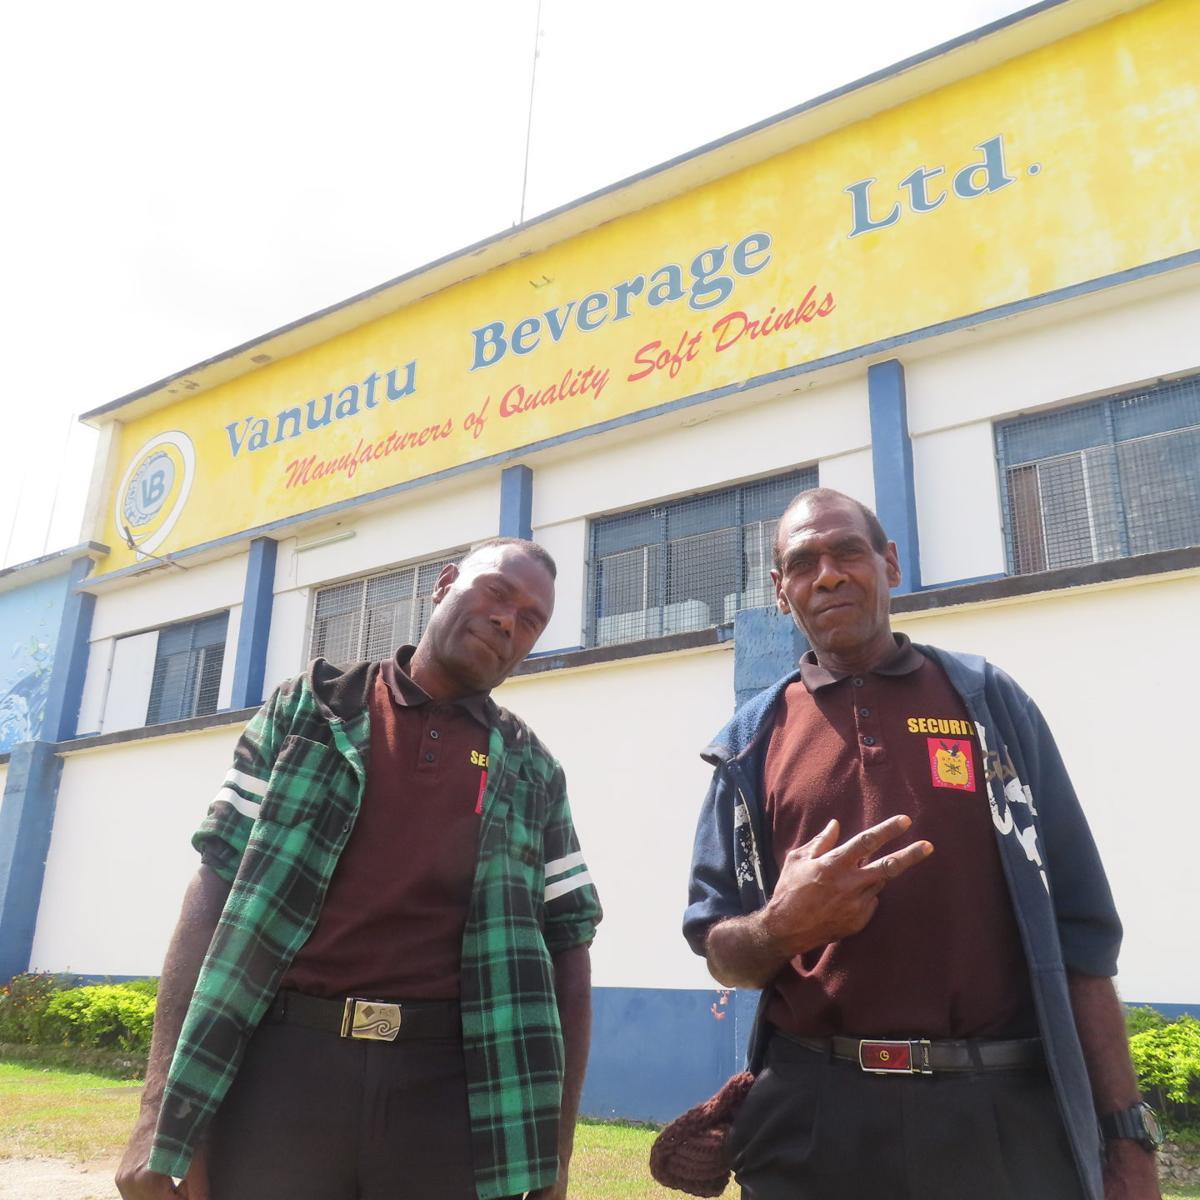 Vanuatu Beverage Offering Vt200,000 to Catch Criminals